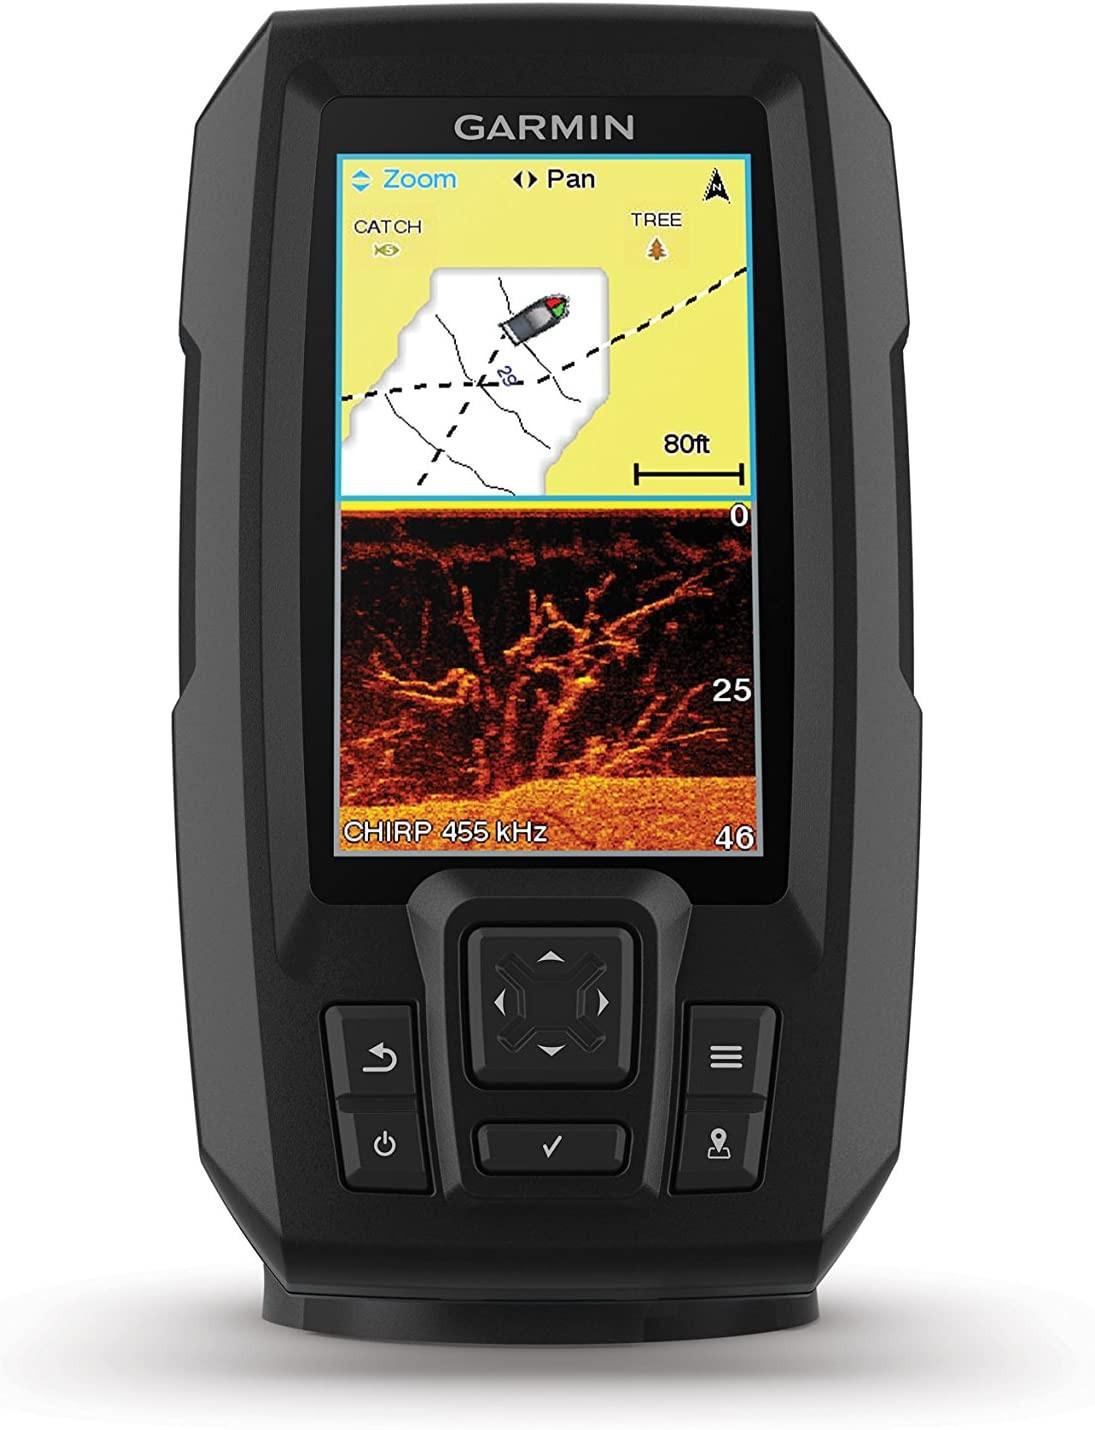 71gw9q61v7L AC SL1500